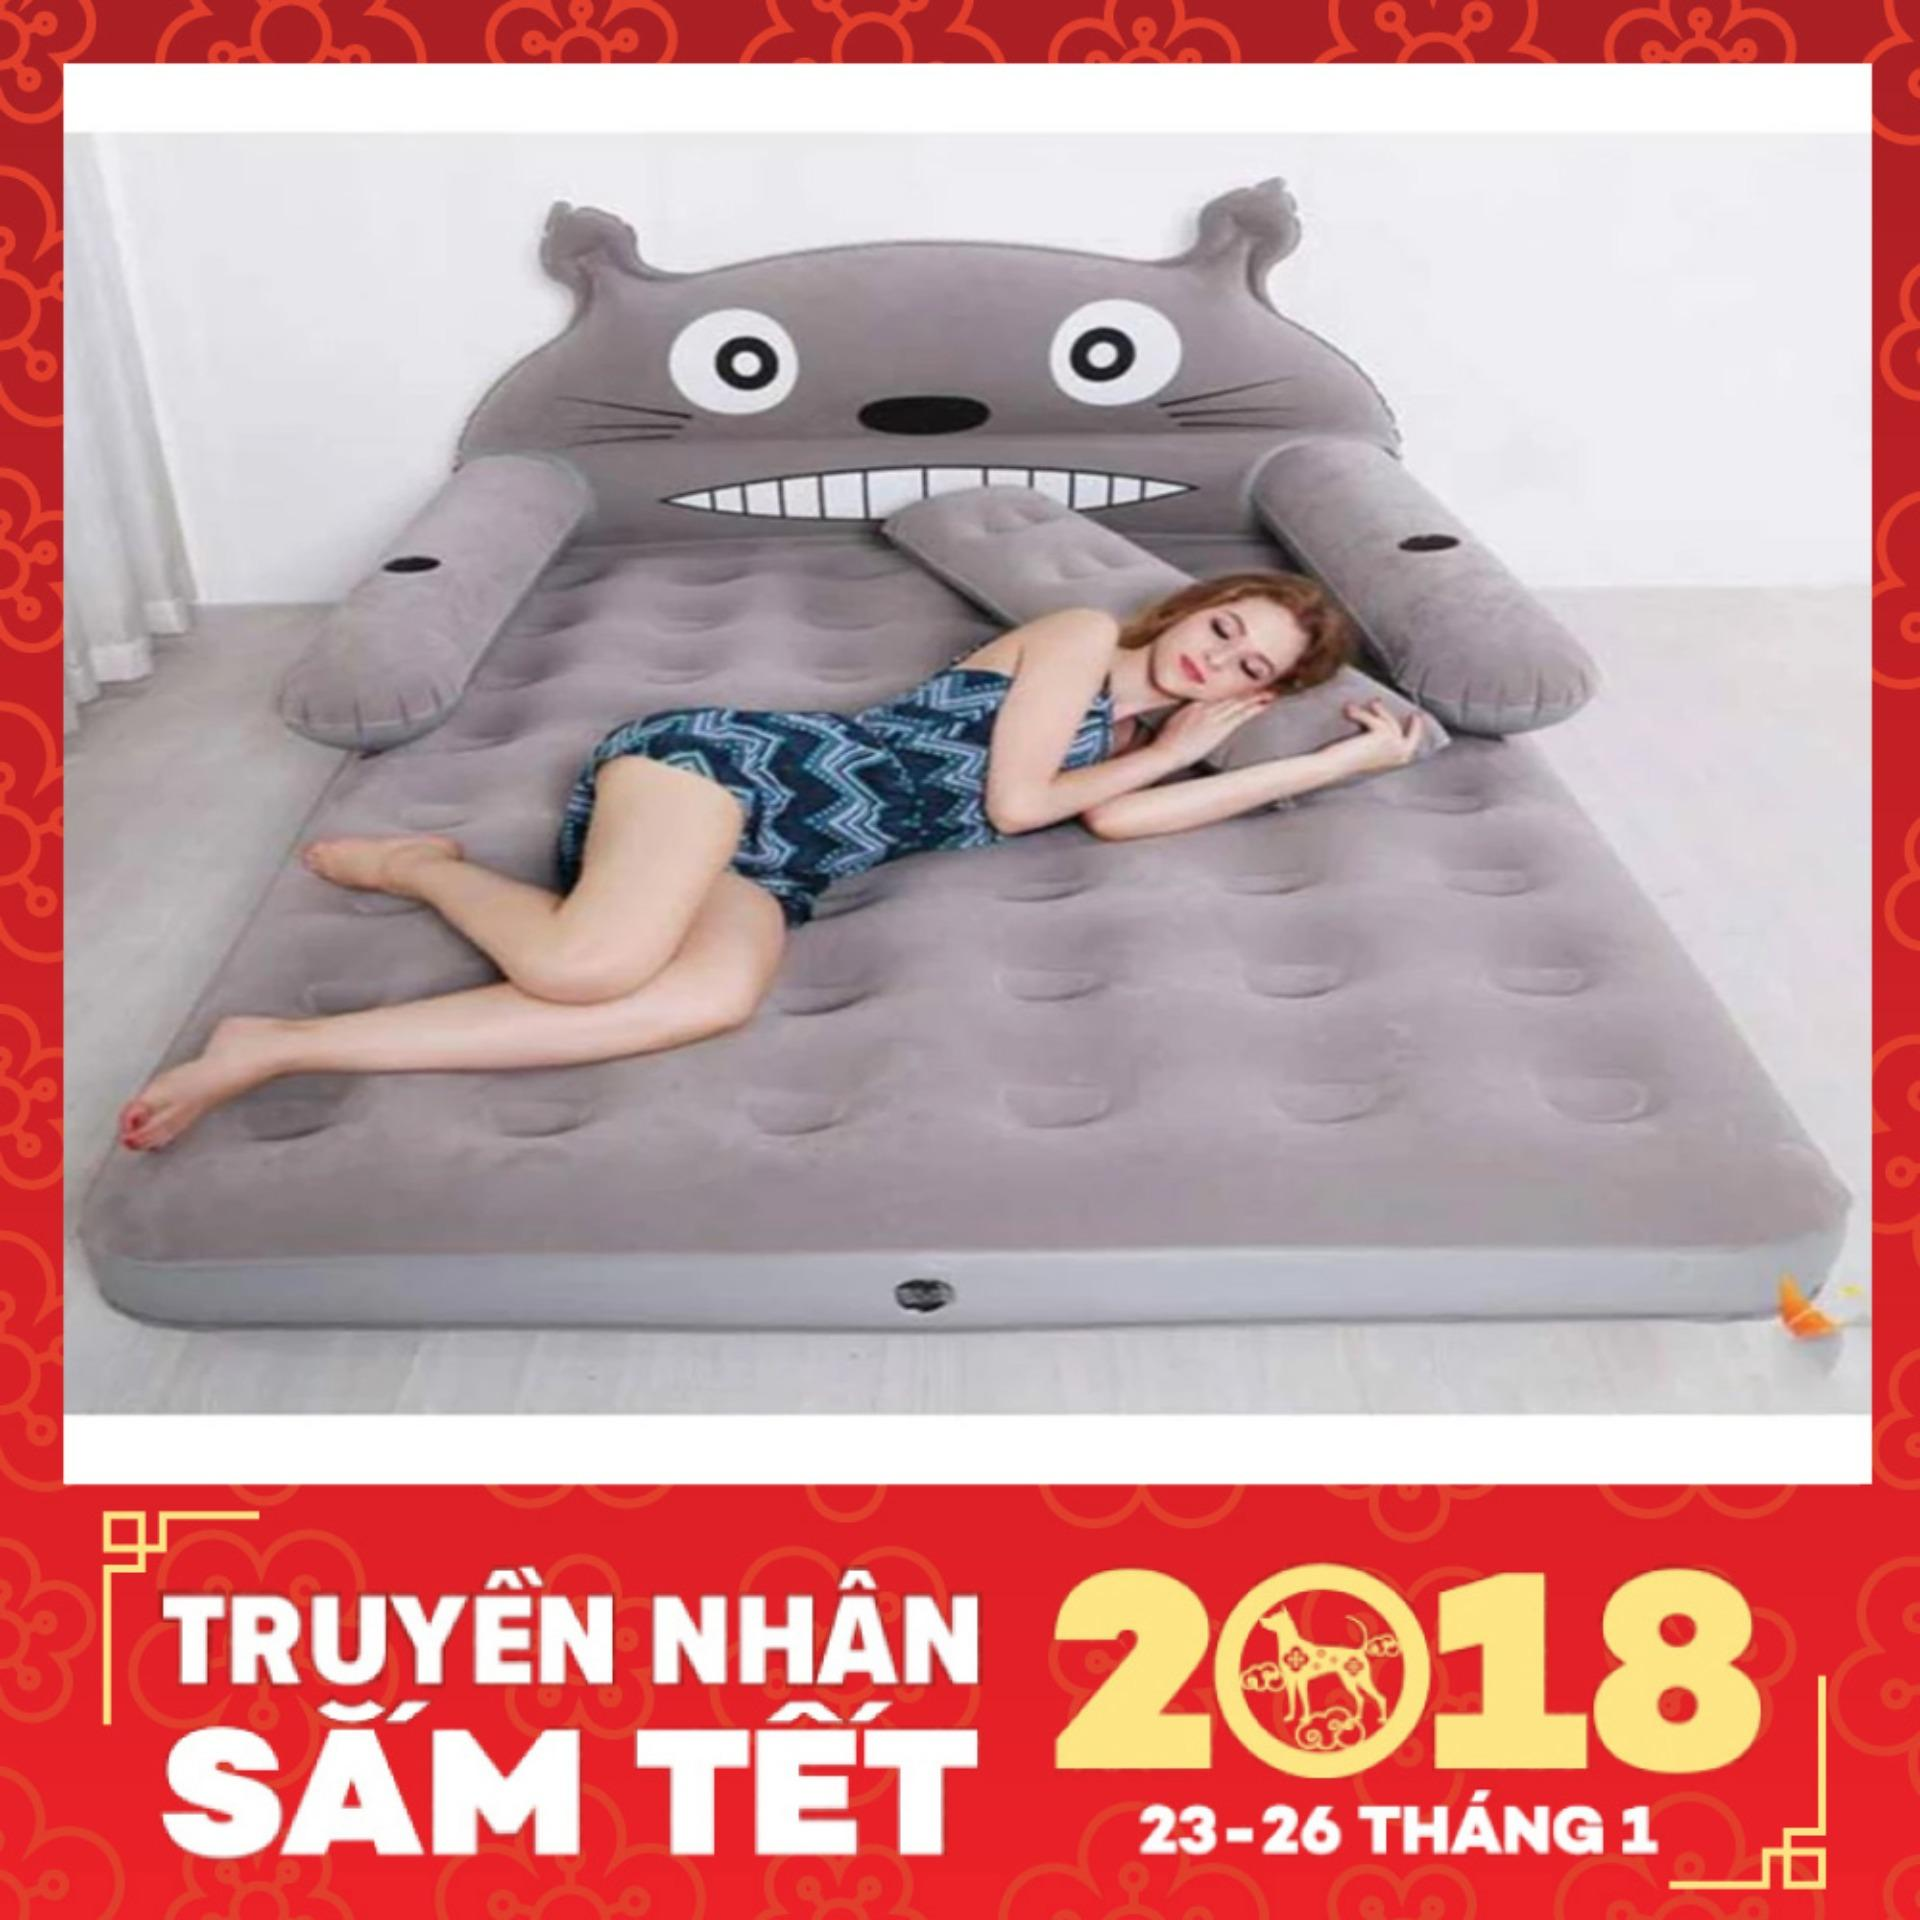 Bộ giường hơi cao cấp hình TOTORO_(Tặng kèm bơm) – Kmart